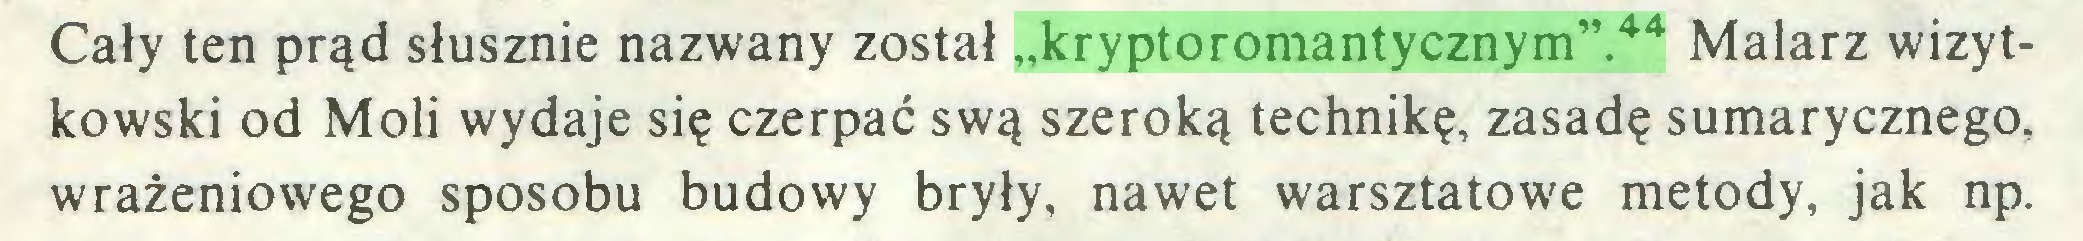 """(...) Cały ten prąd słusznie nazwany został """"kryptoromantycznym"""".44 Malarz wizytkowski od Moli wydaje się czerpać swą szeroką technikę, zasadę sumarycznego, wrażeniowego sposobu budowy bryły, nawet warsztatowe metody, jak np..."""